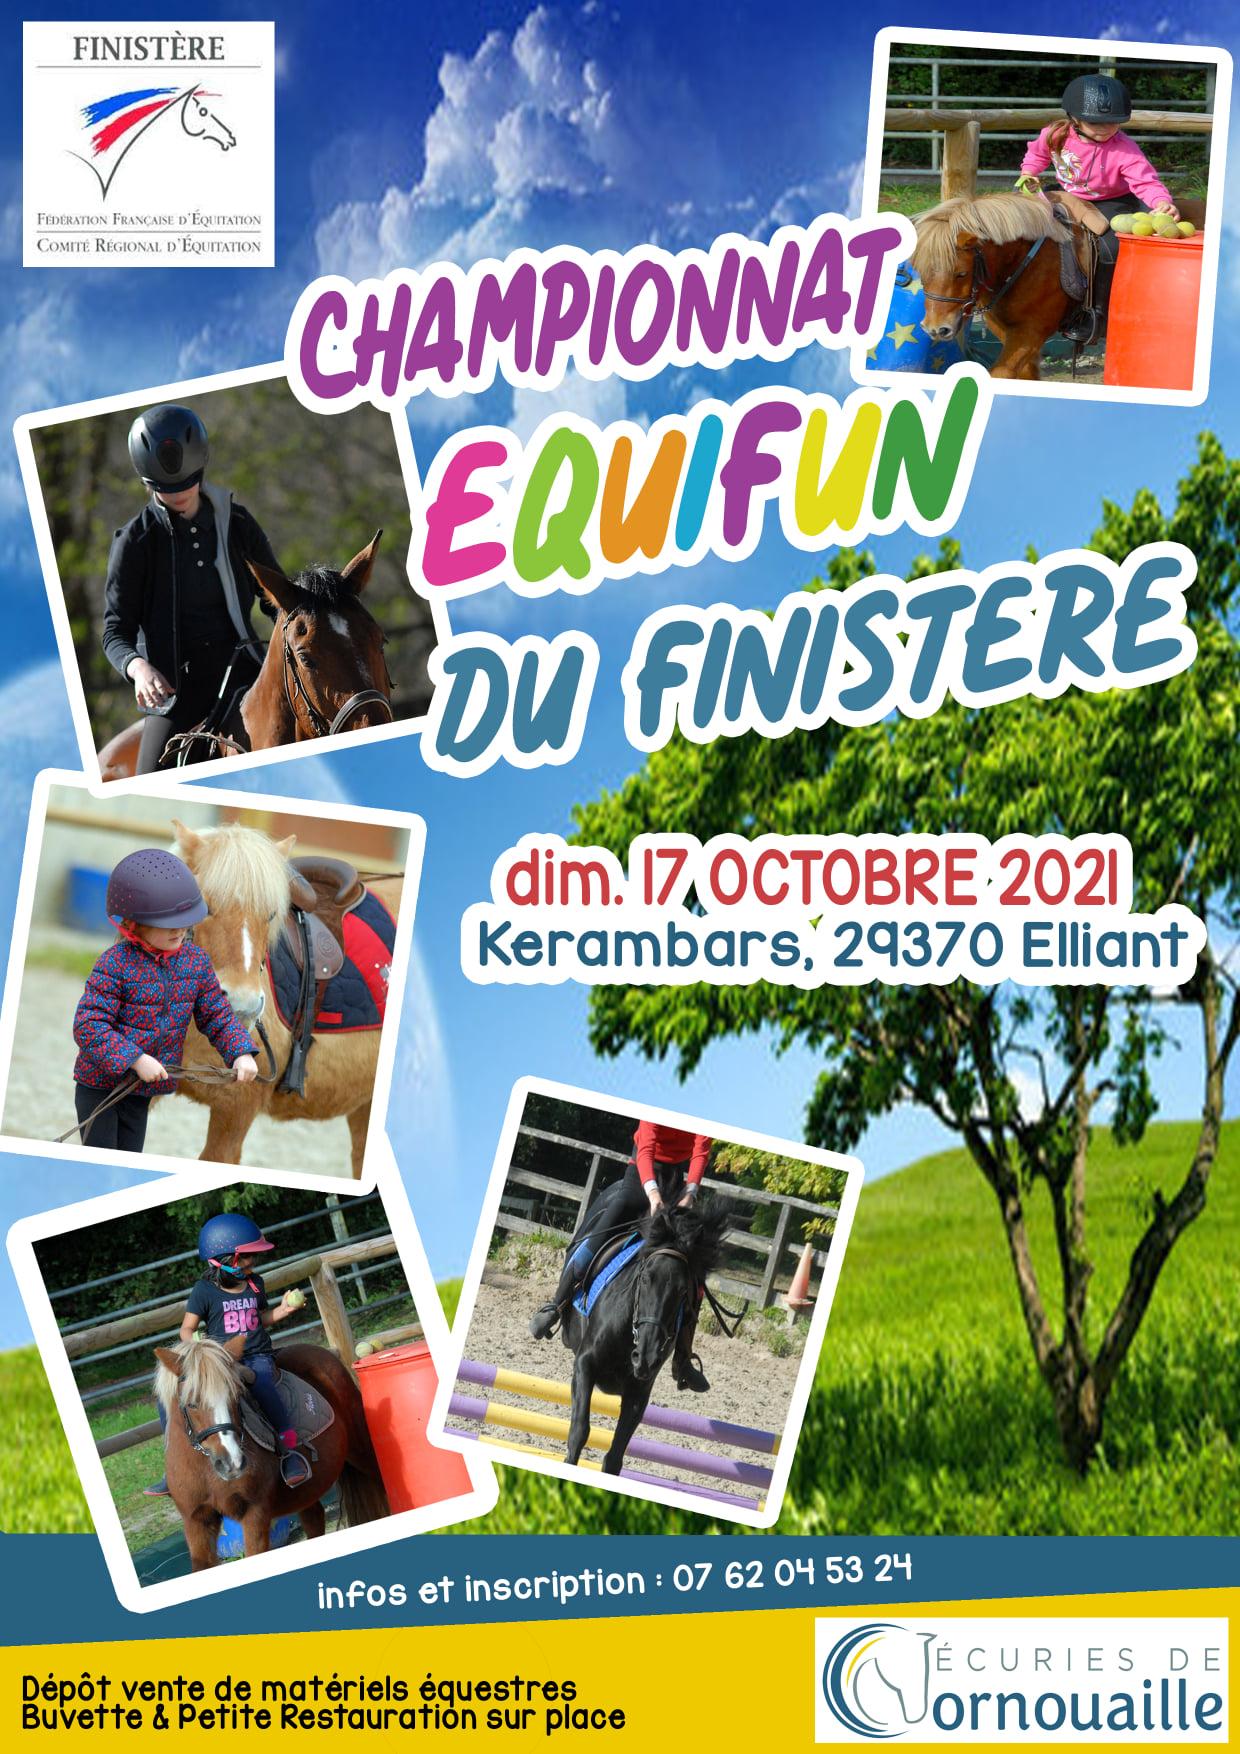 Championnat d'Equifun du Finistère - Association des Cavaliers des Ecuries de Cornouaille